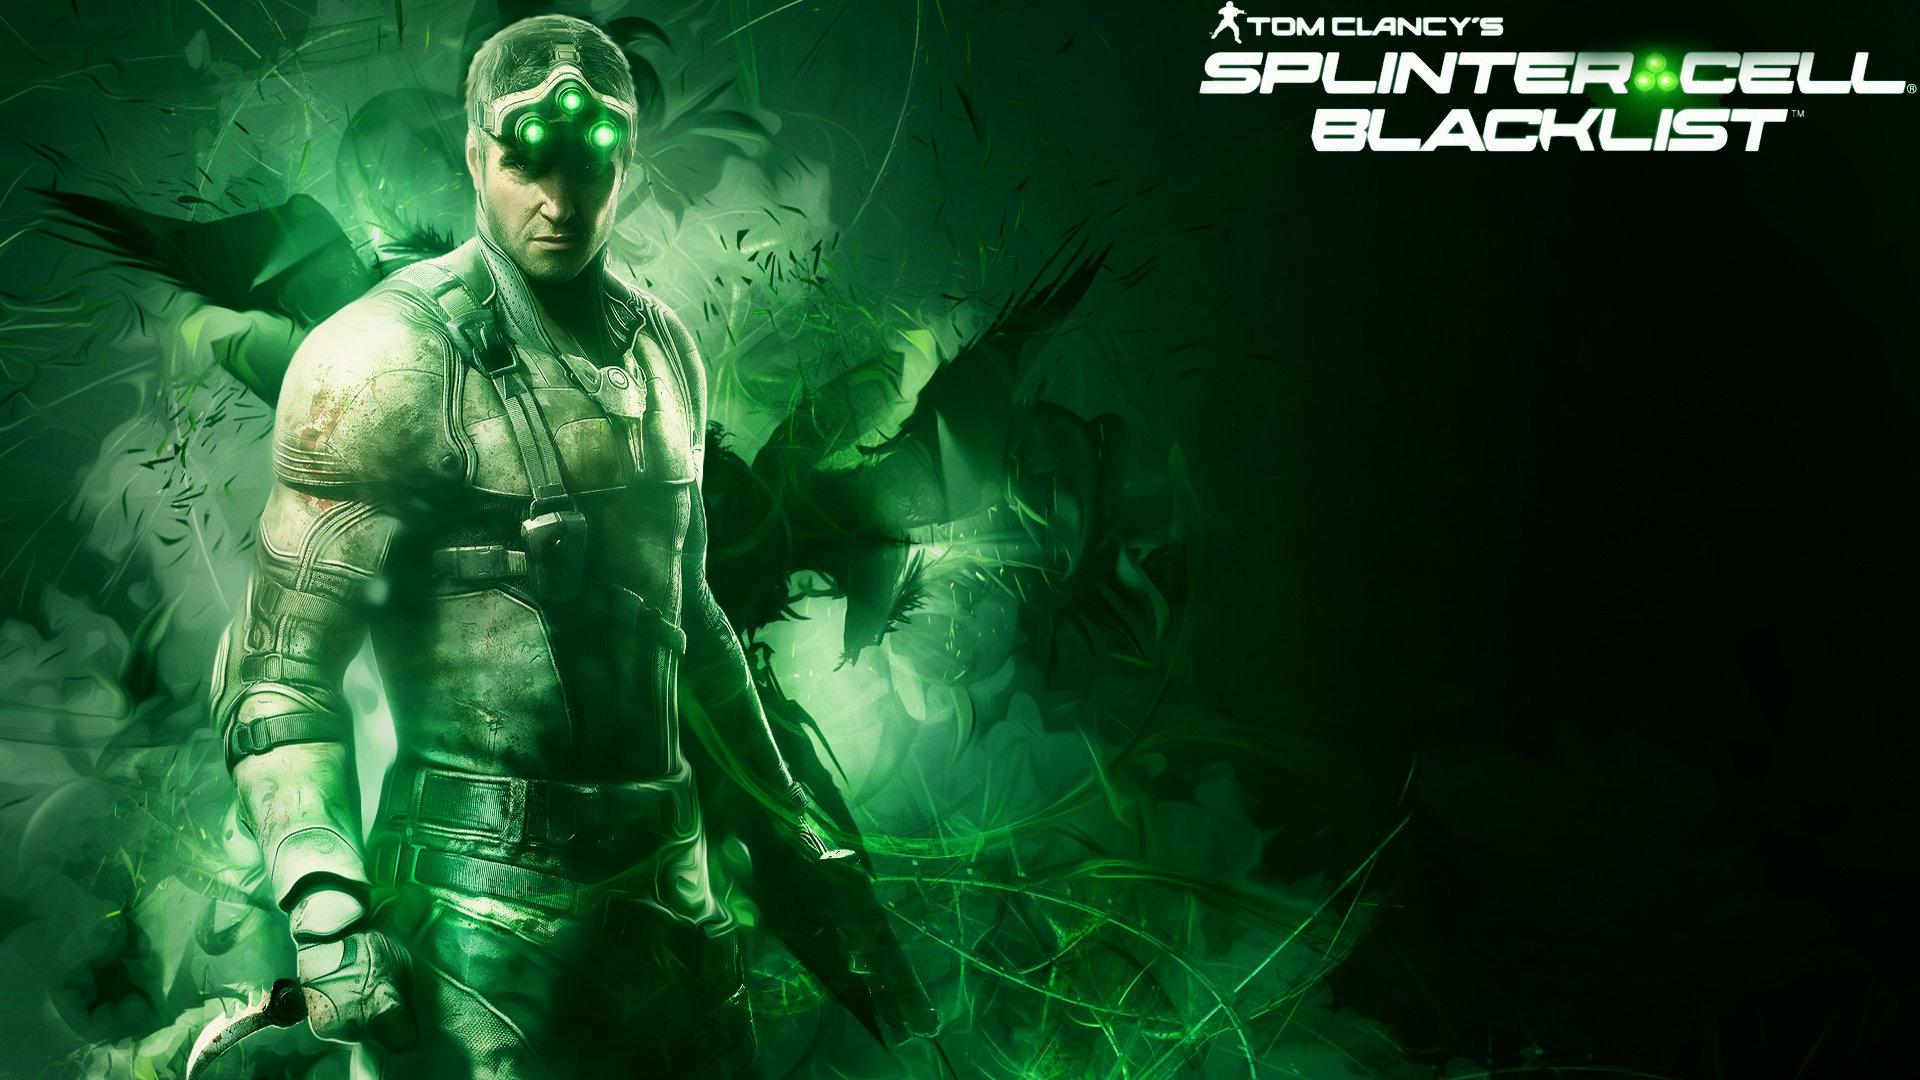 Wallpaper Splinter Cell Blacklist Hd 1523125 Hd Wallpaper